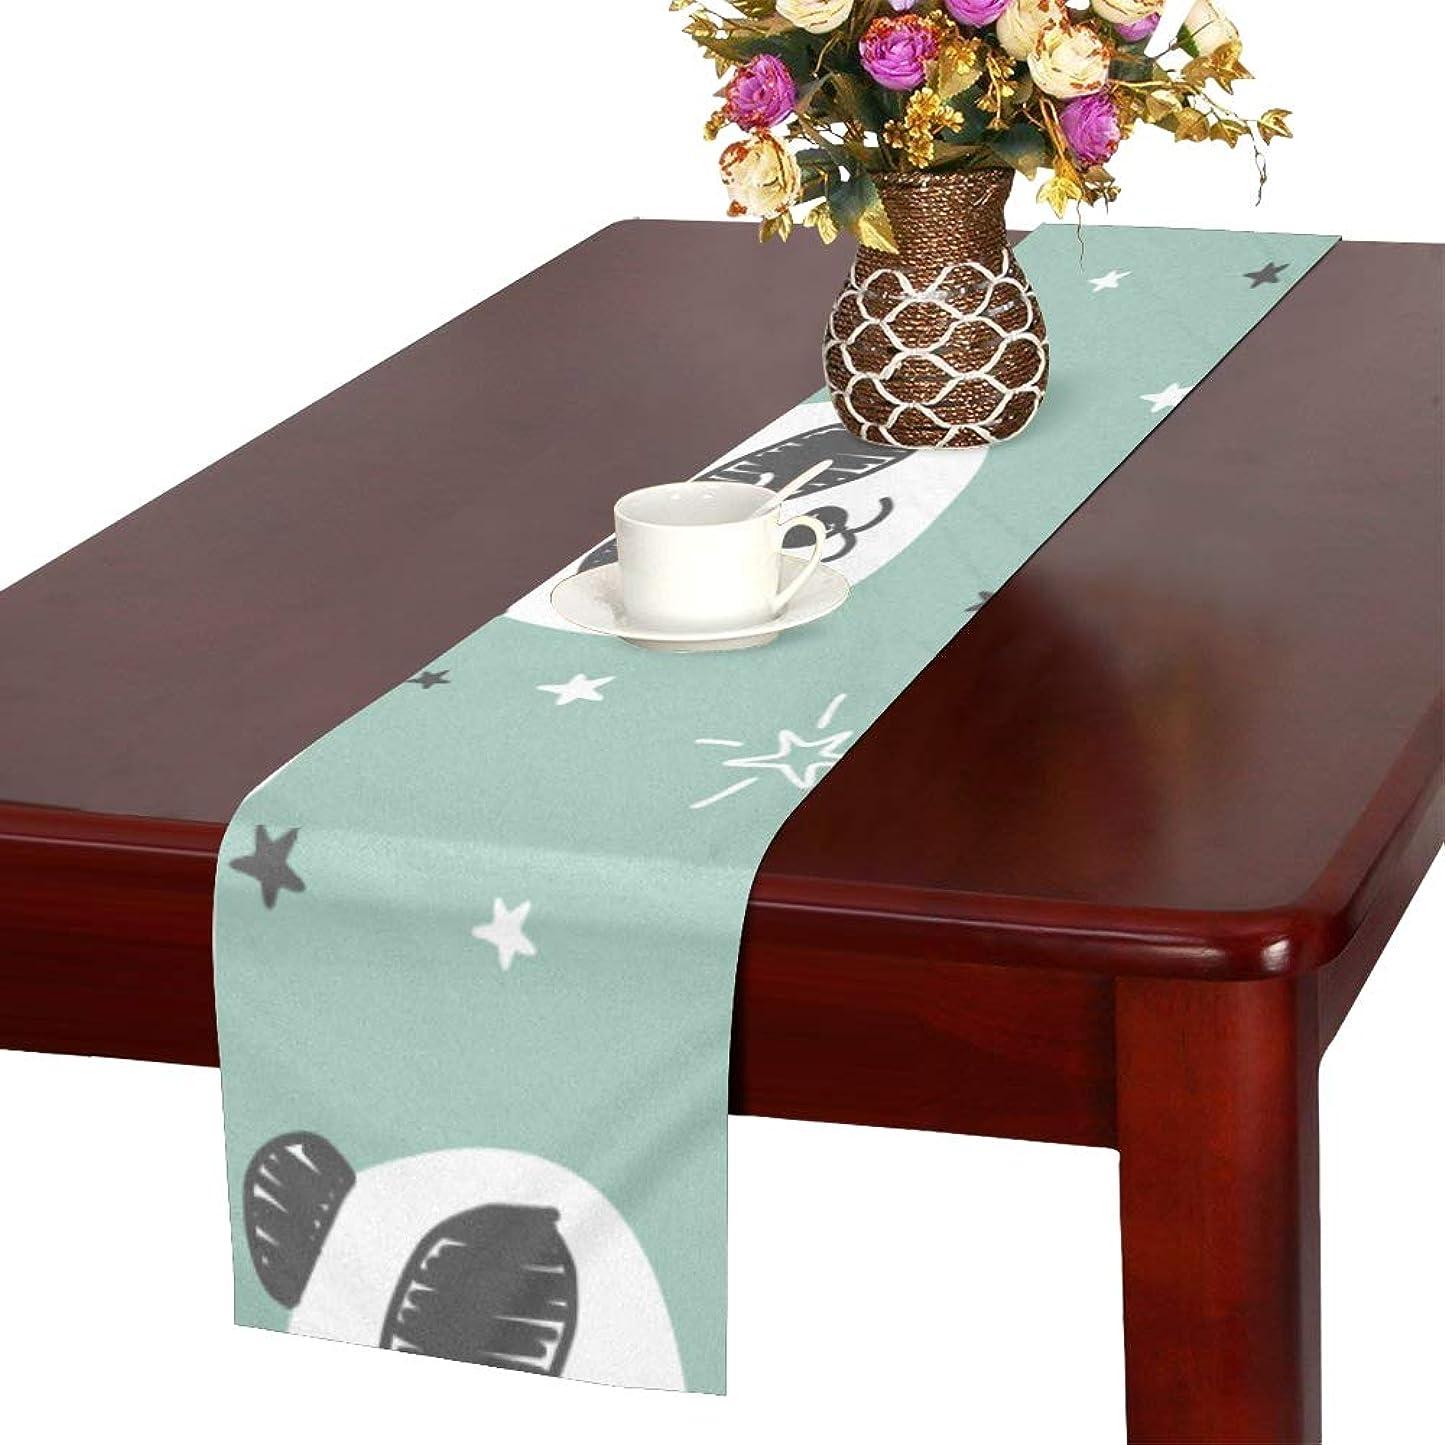 パレード散文区別GGSXD テーブルランナー 面白い パンダ クロス 食卓カバー 麻綿製 欧米 おしゃれ 16 Inch X 72 Inch (40cm X 182cm) キッチン ダイニング ホーム デコレーション モダン リビング 洗える